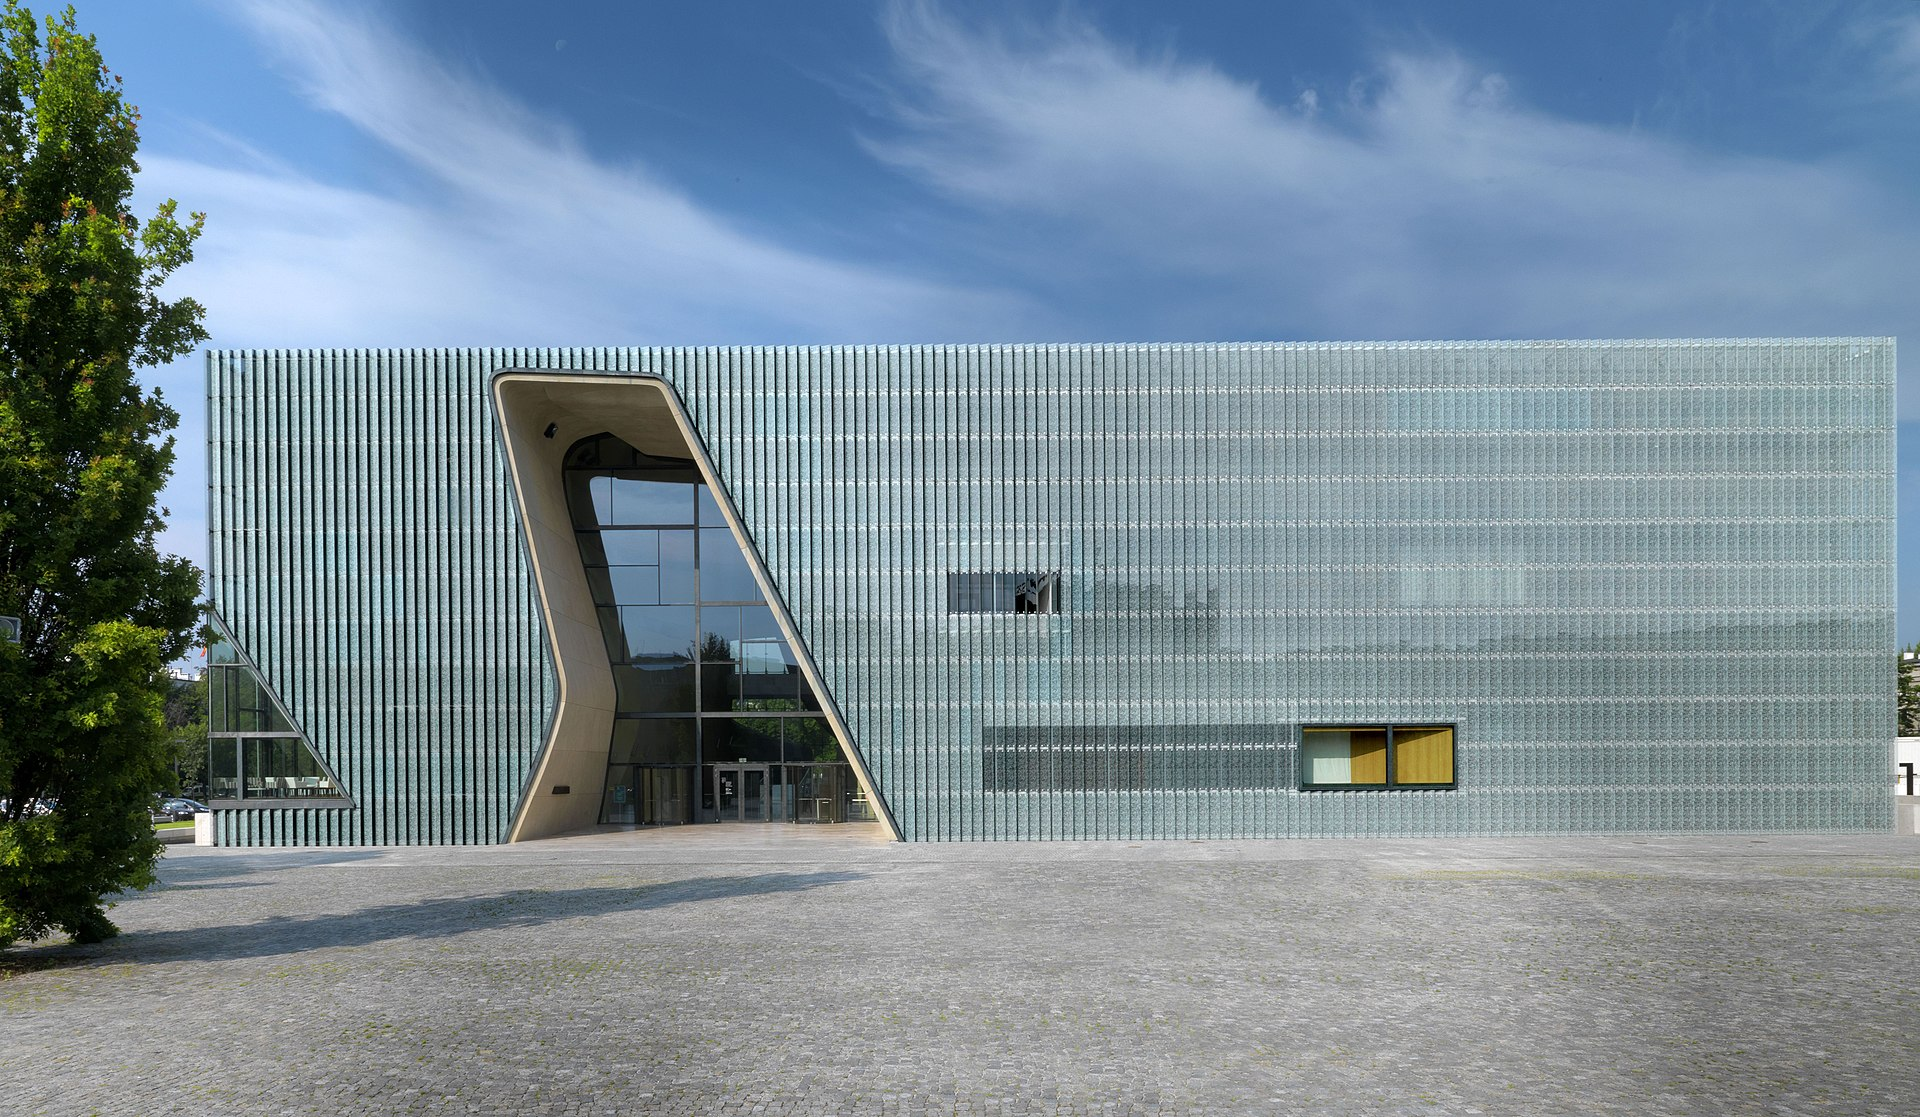 Budova muzea jak je jí možno vidět z ulice Ludwika Zamenhofa ve Varšavě. Vchod je ve tvaru hebrejského písmena tav, které samo o sobě znamená kříž